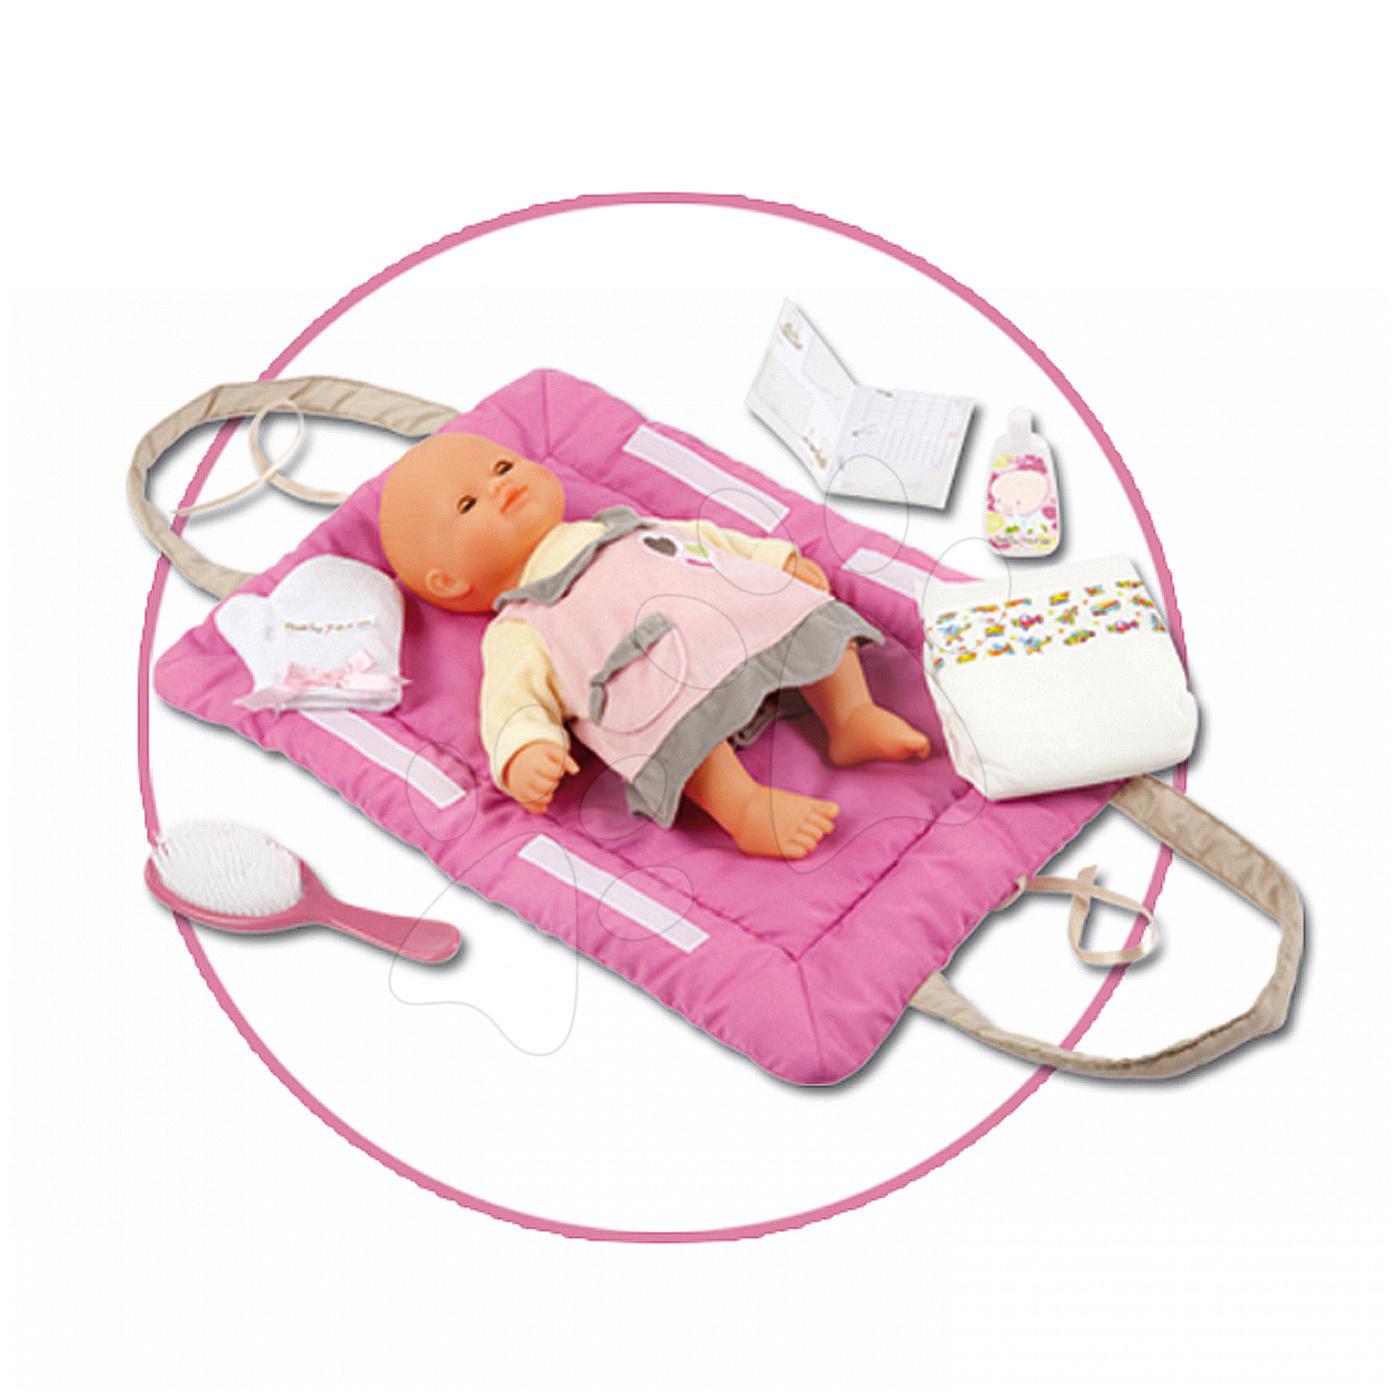 Suport pentru înfăşat Baby Nurse Smoby pentru păpuşă de 42 cm cu set pentru înfăşat roz închis